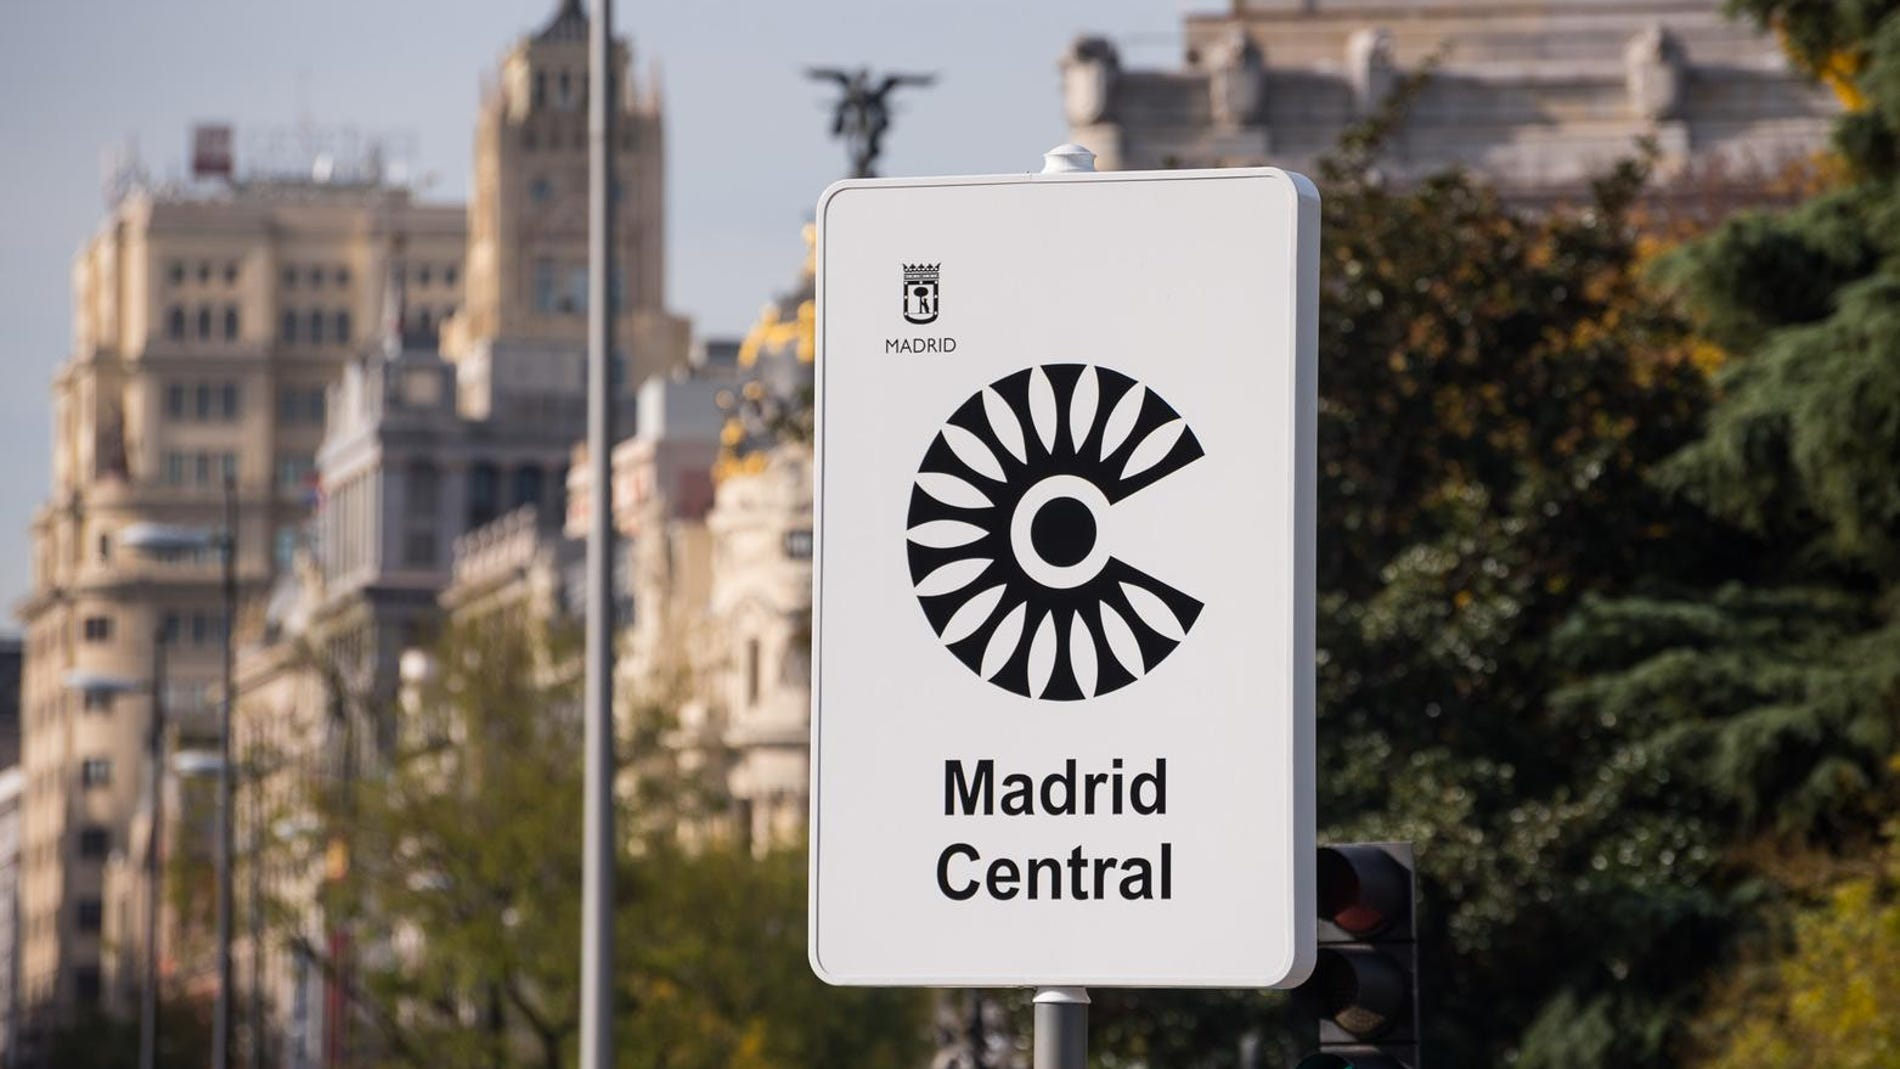 Señal de Madrid Central